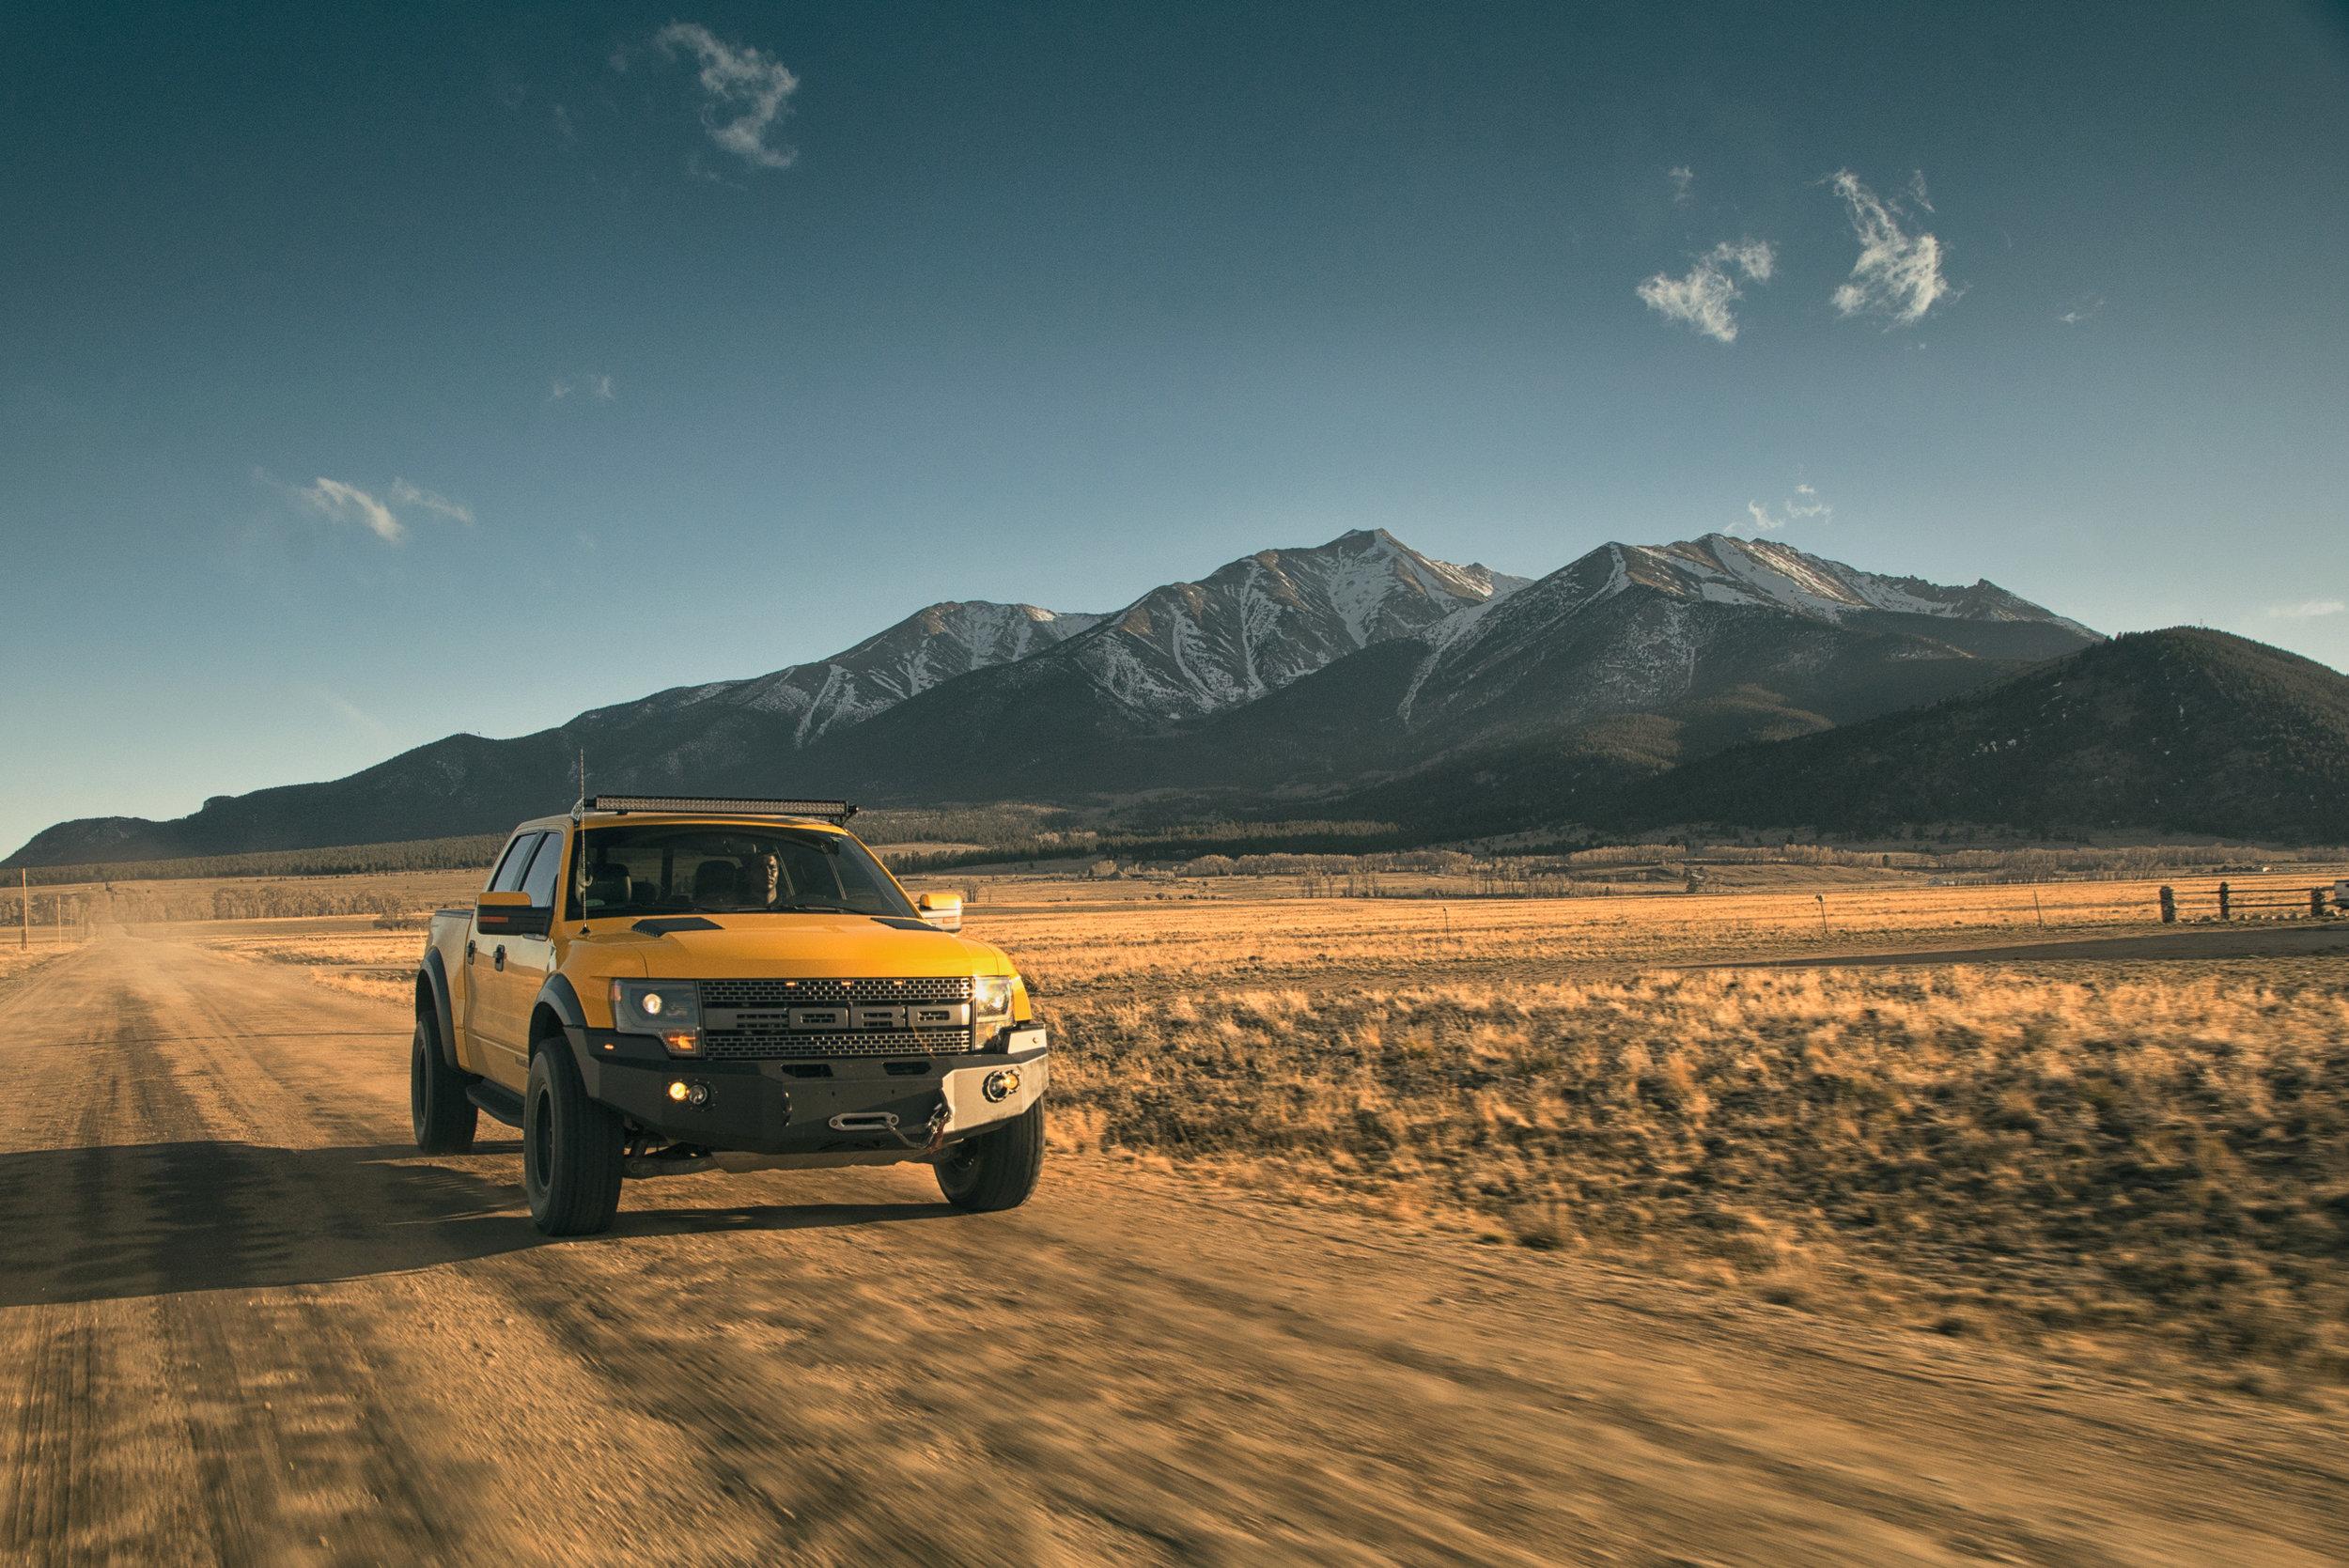 Ford_Raptor_Hennessey_Truck_Motion.jpg